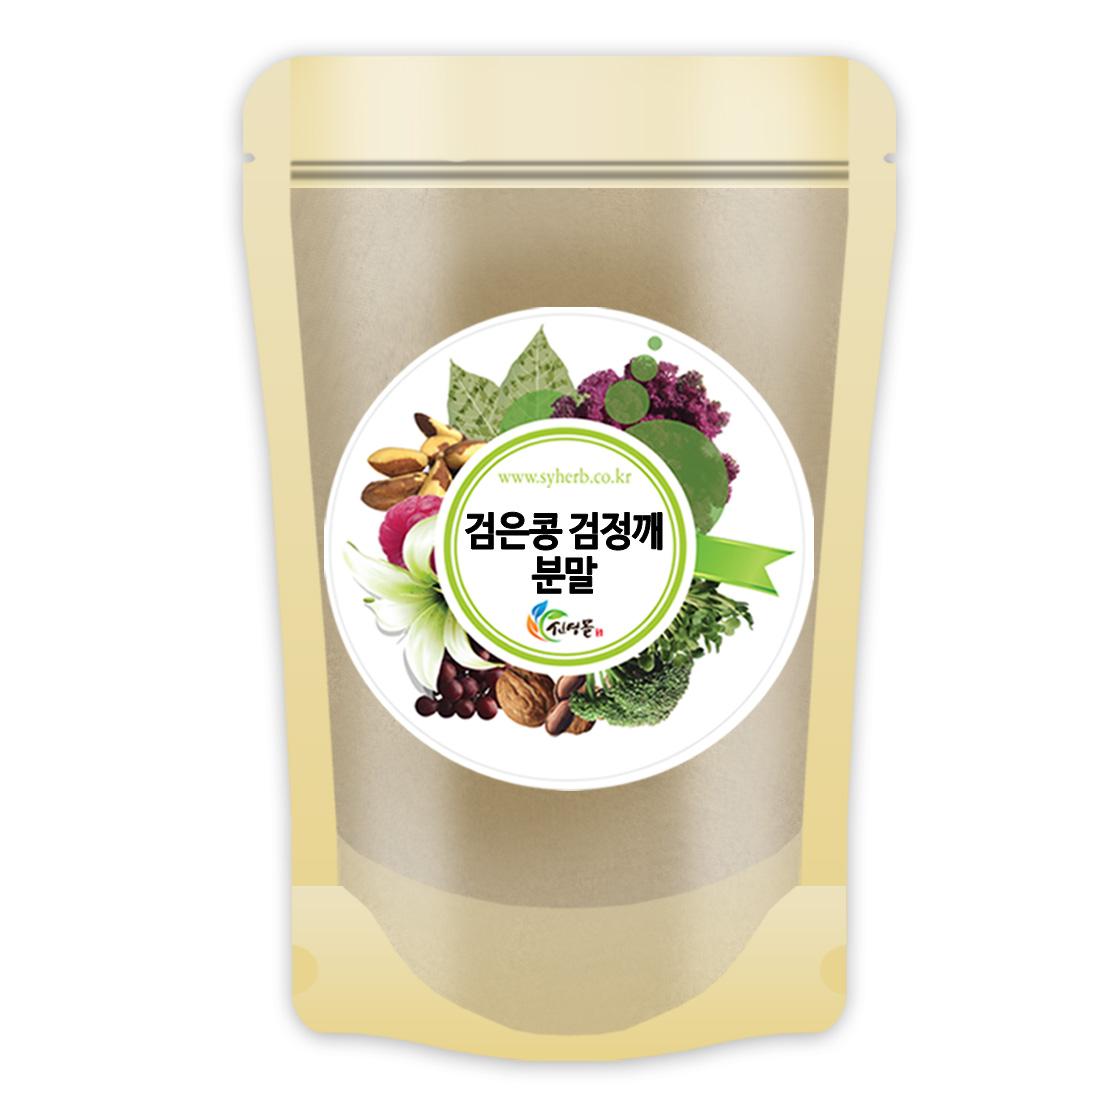 볶은 검은콩+검정깨 가루 500g 국산 검정콩 검은깨 블랙푸드, 1개